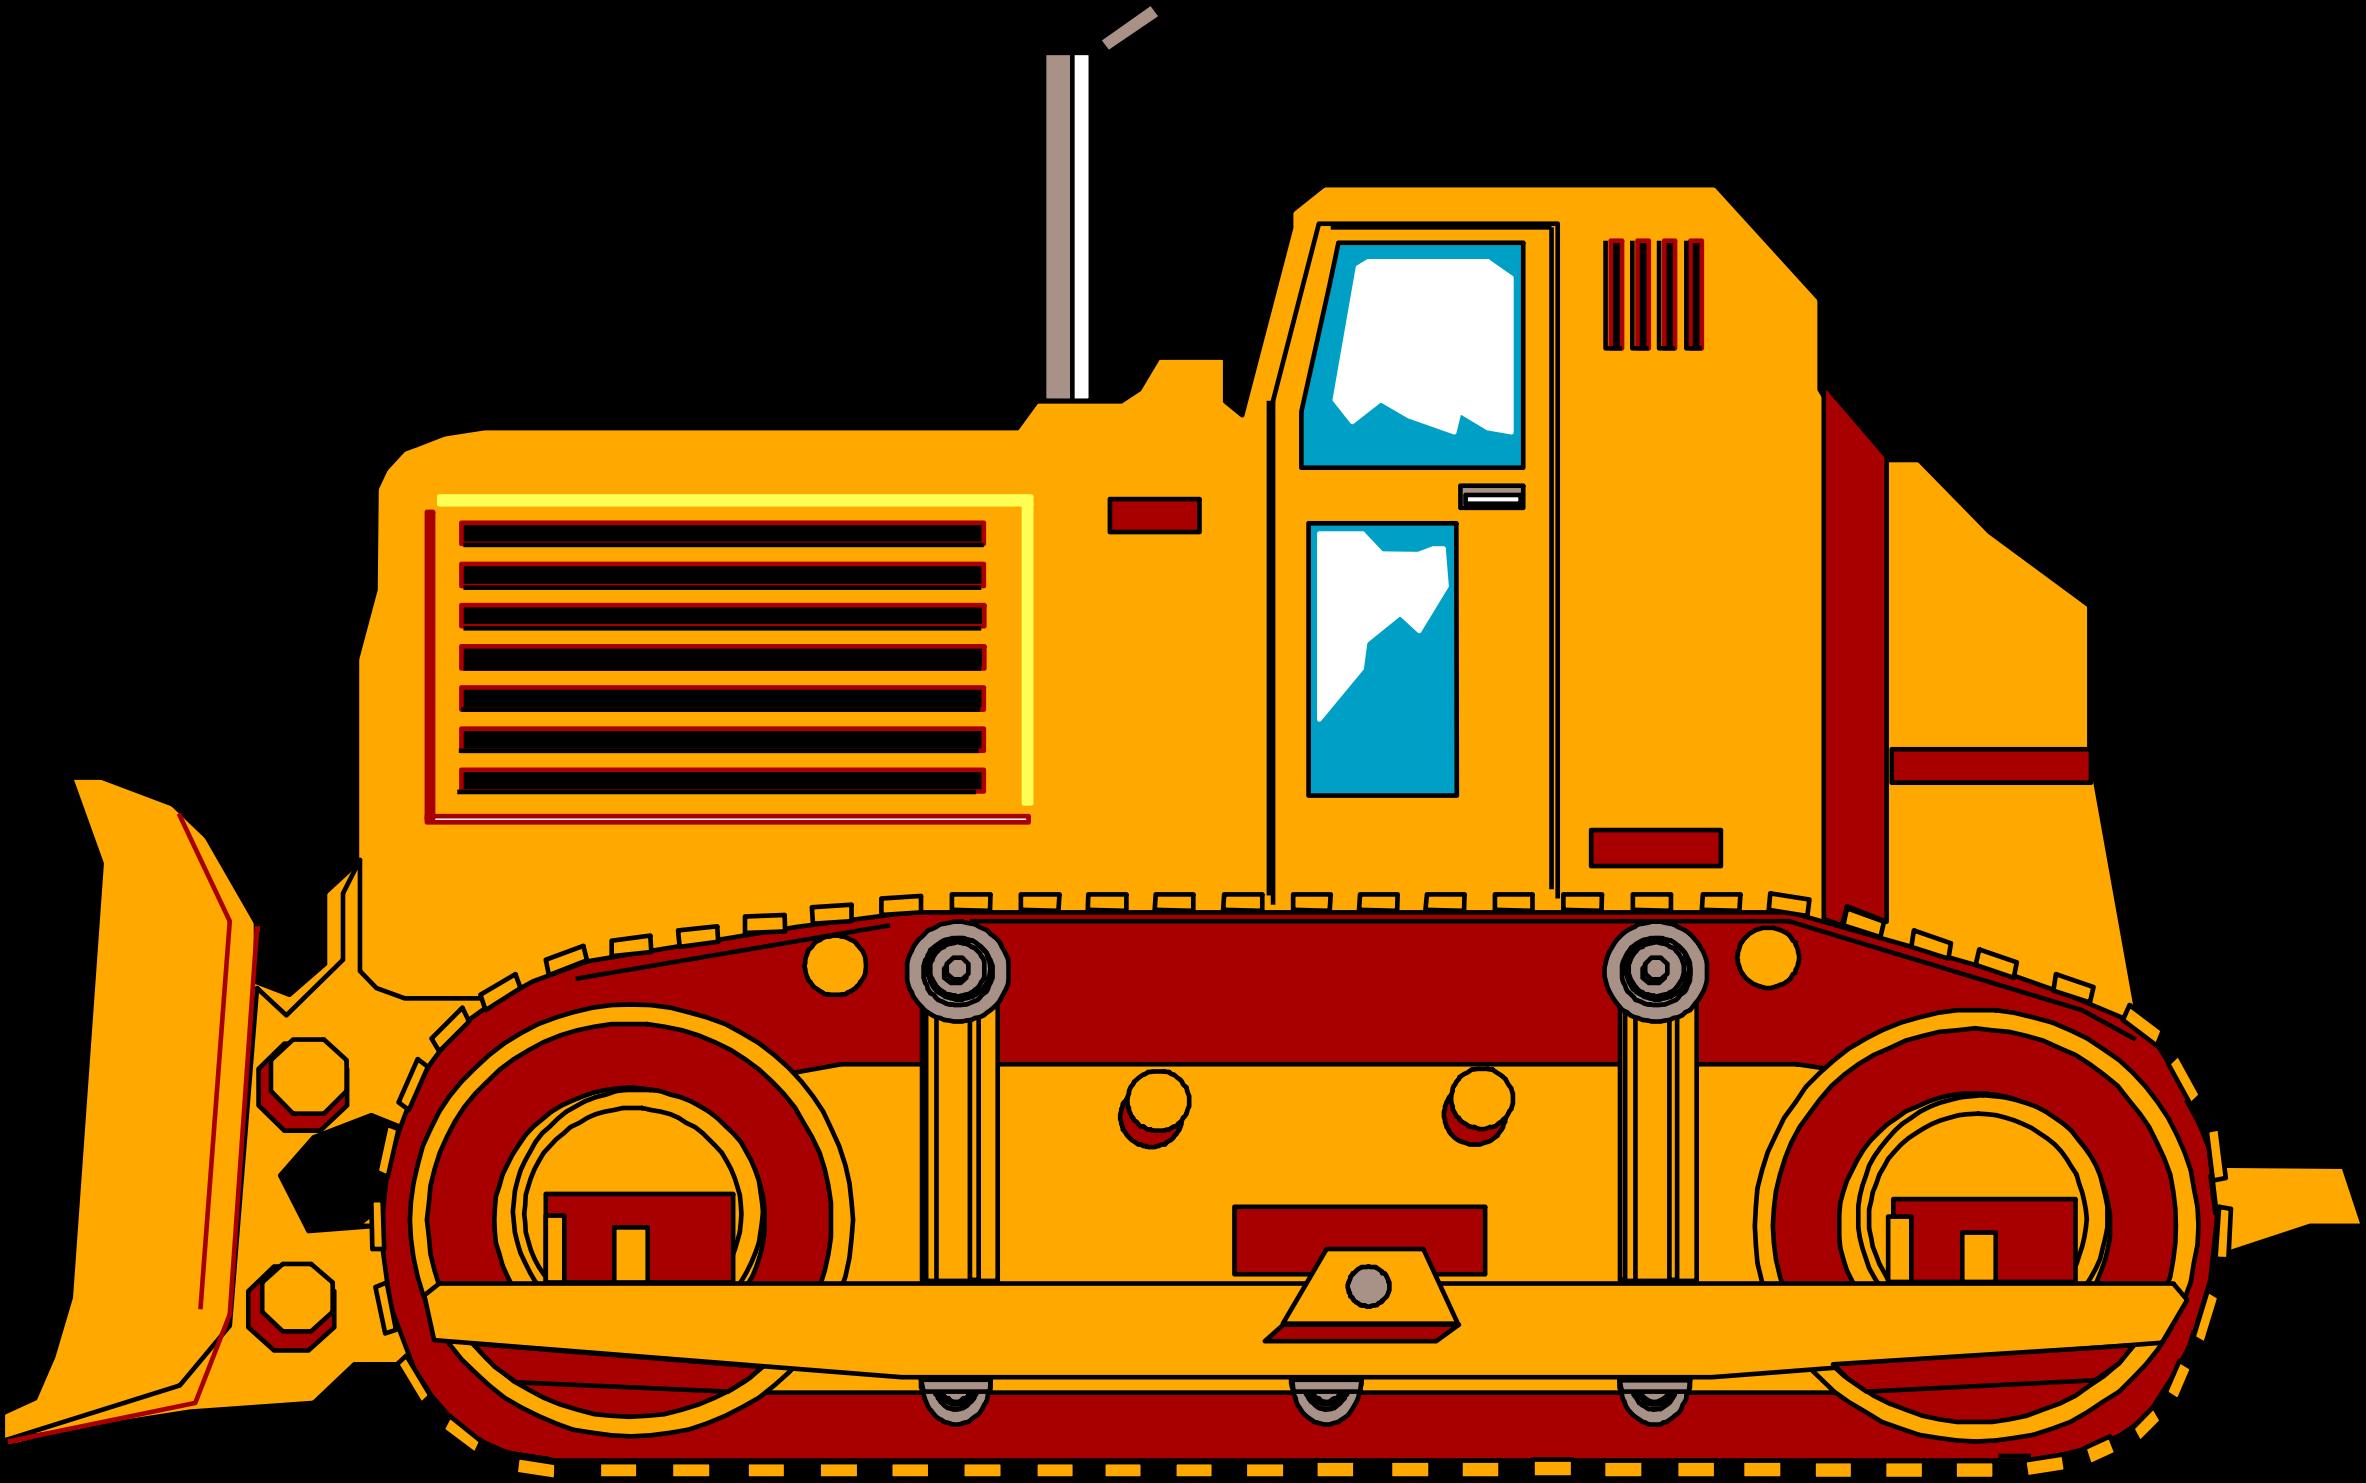 D dozer big image. Bulldozer clipart earth mover